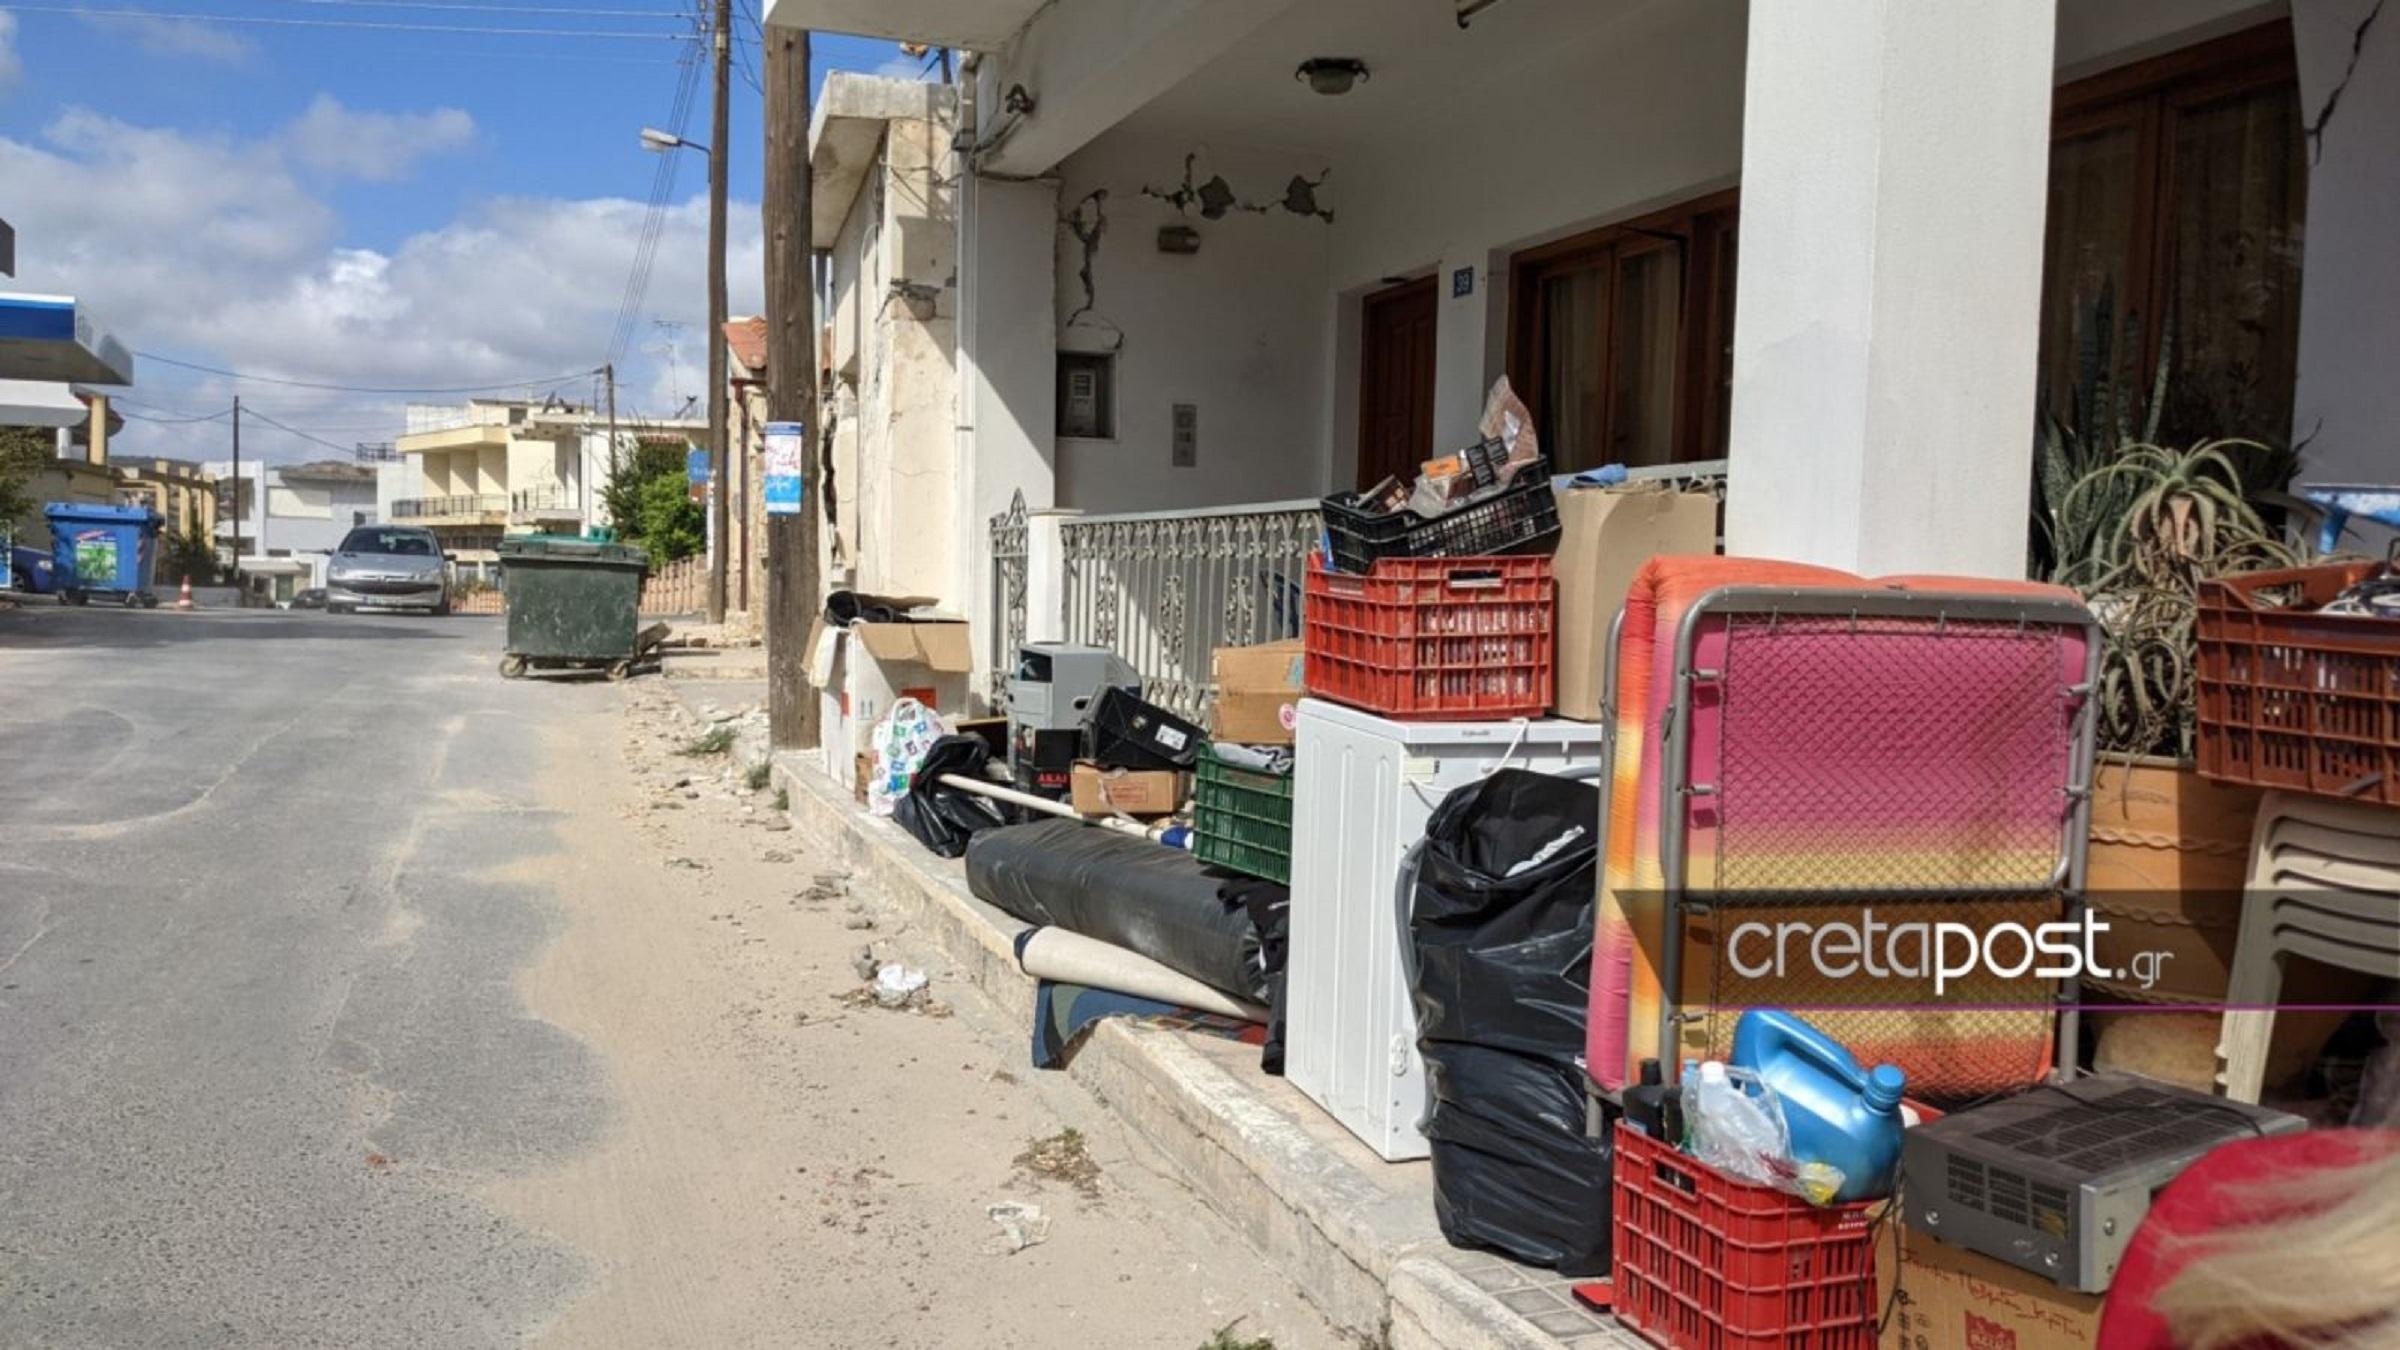 Σεισμός στην Κρήτη: Σε πεζοδρόμια και καρότσες τα υπάρχοντα των κατοίκων – Σε σκηνή και το αστυνομικό τμήμα